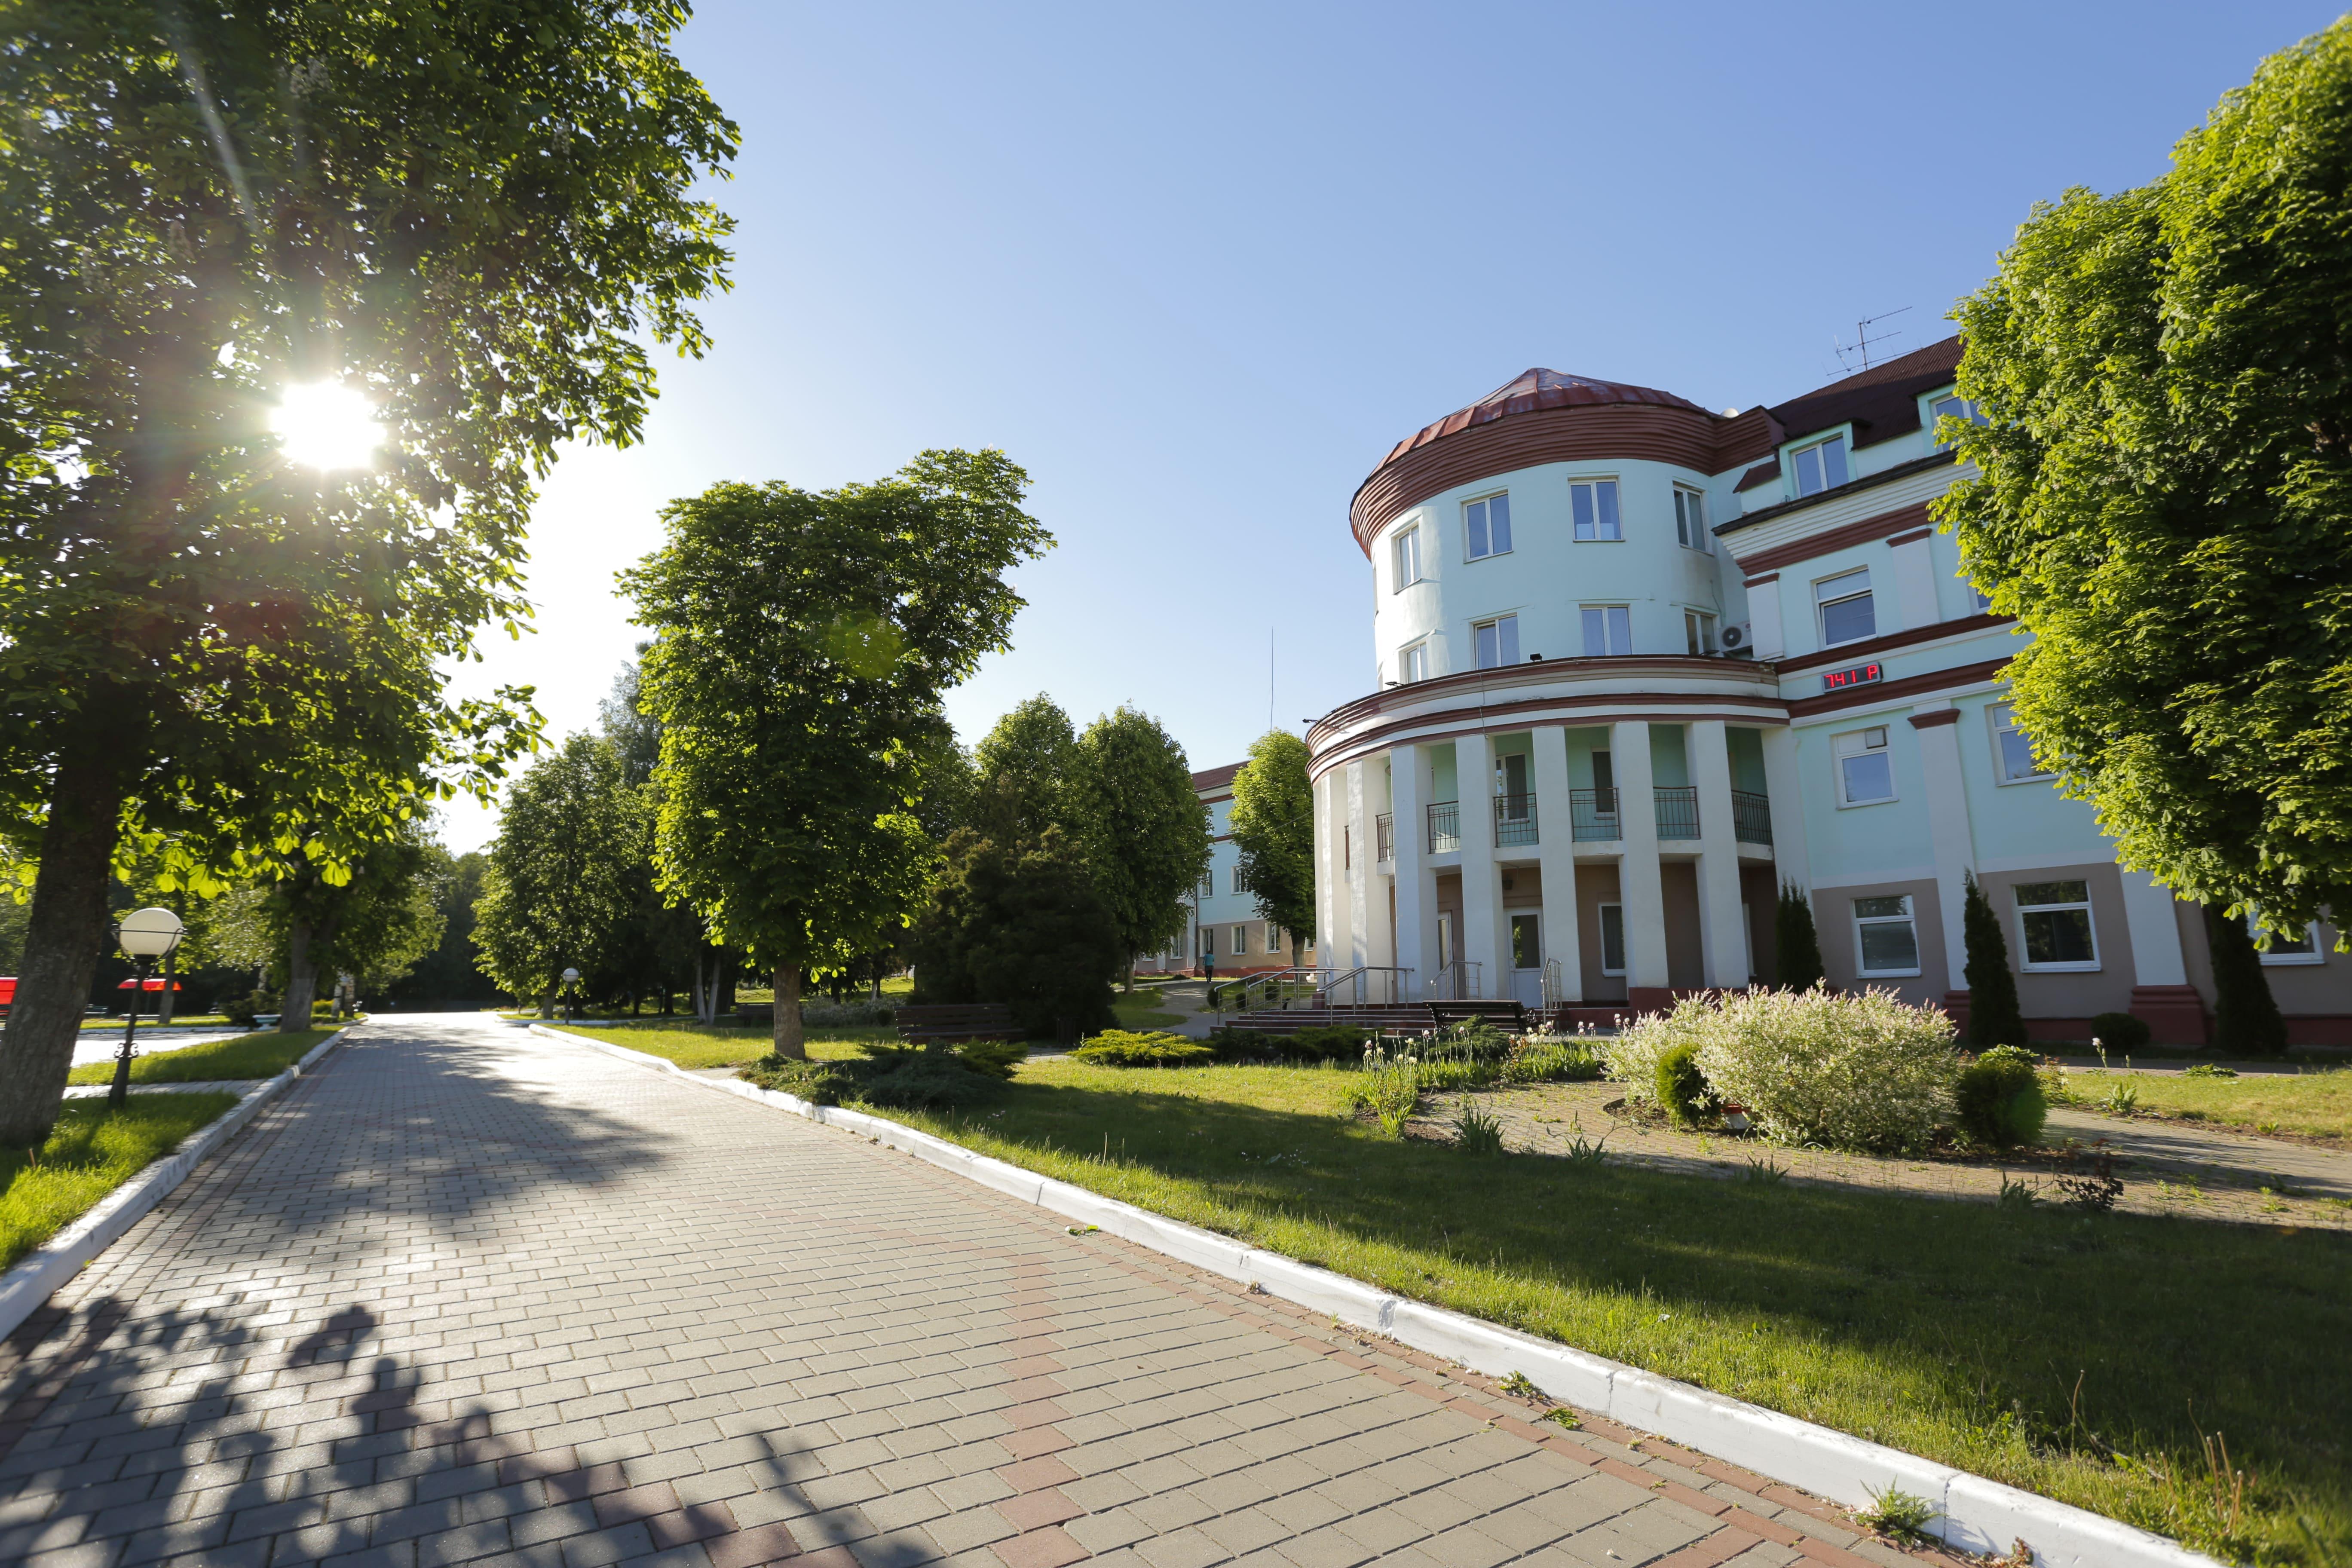 Санаторий белорусочка фото